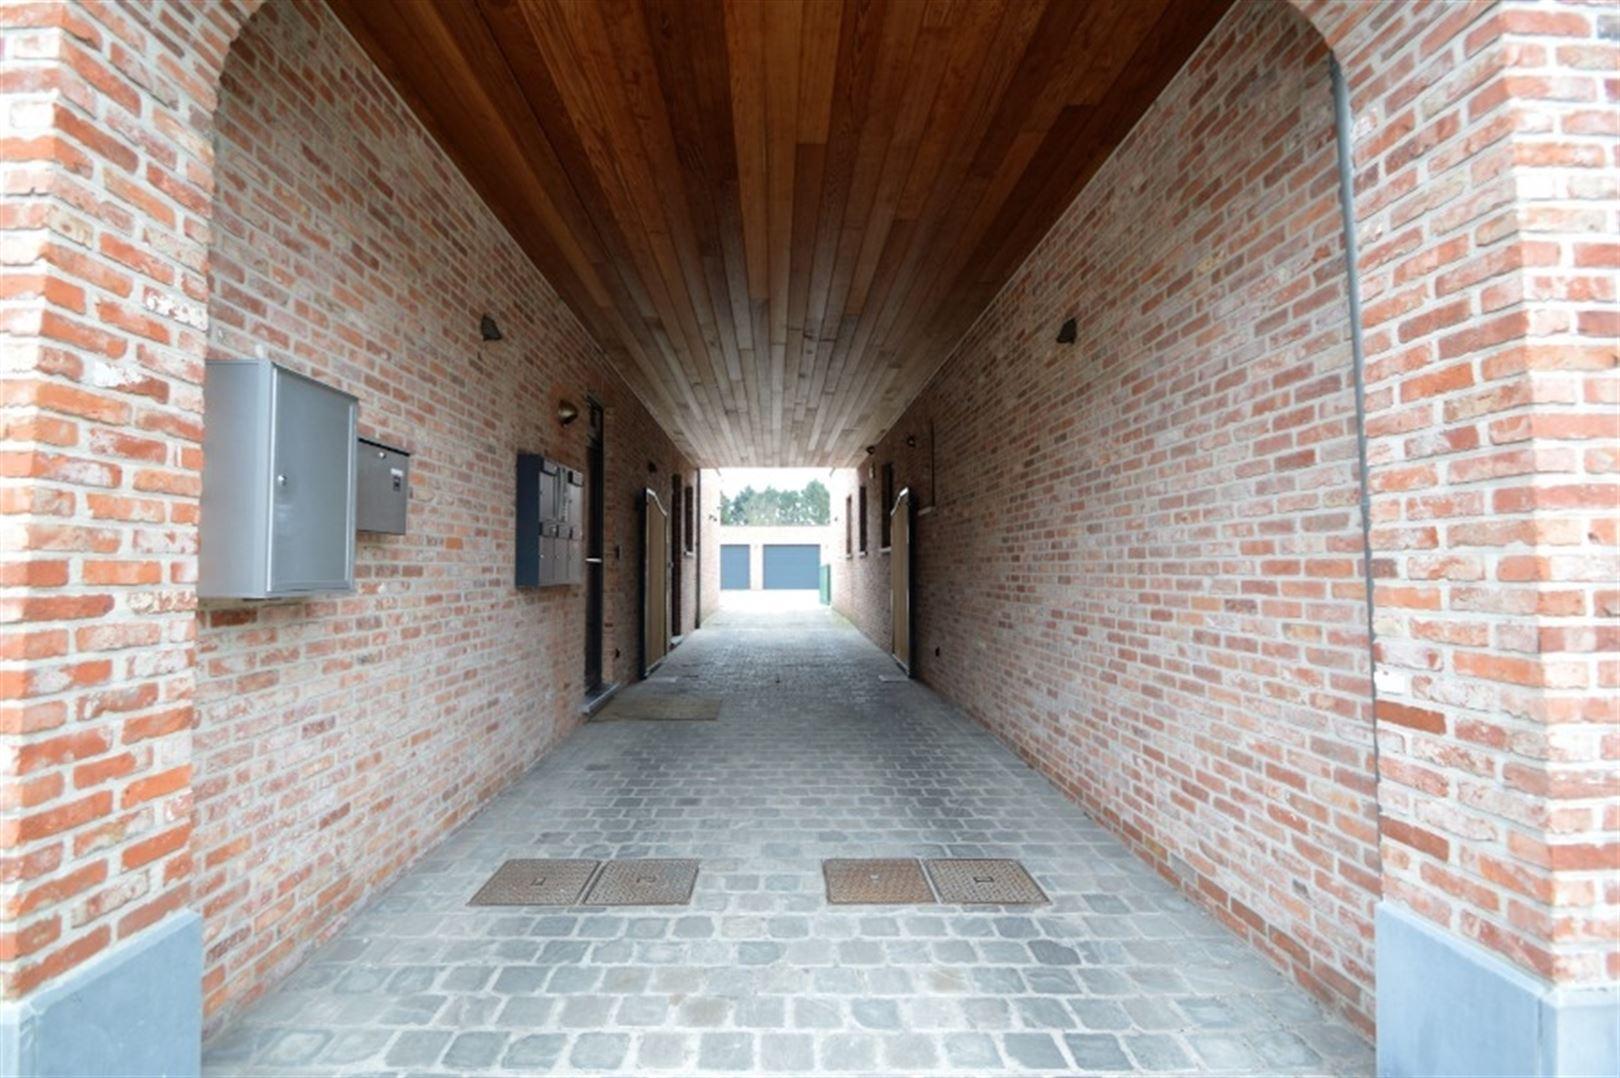 Foto 22 : Appartement te 9240 Zele (België) - Prijs € 725